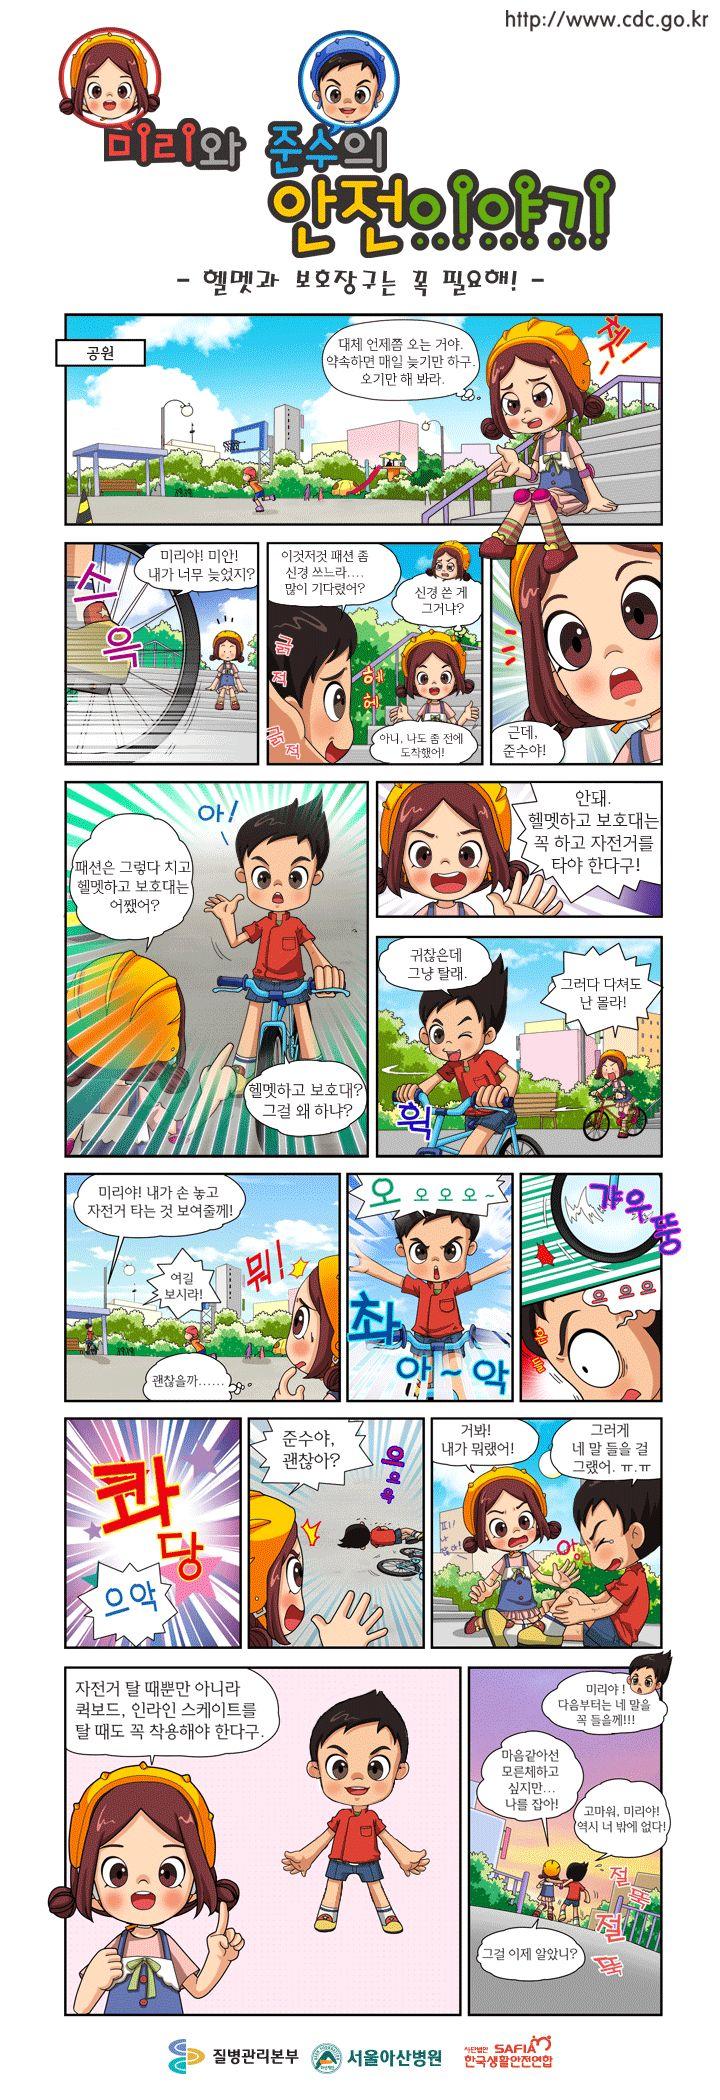 손상예방을 위한 어린이 안전가이드라인_교통사고(웹툰)